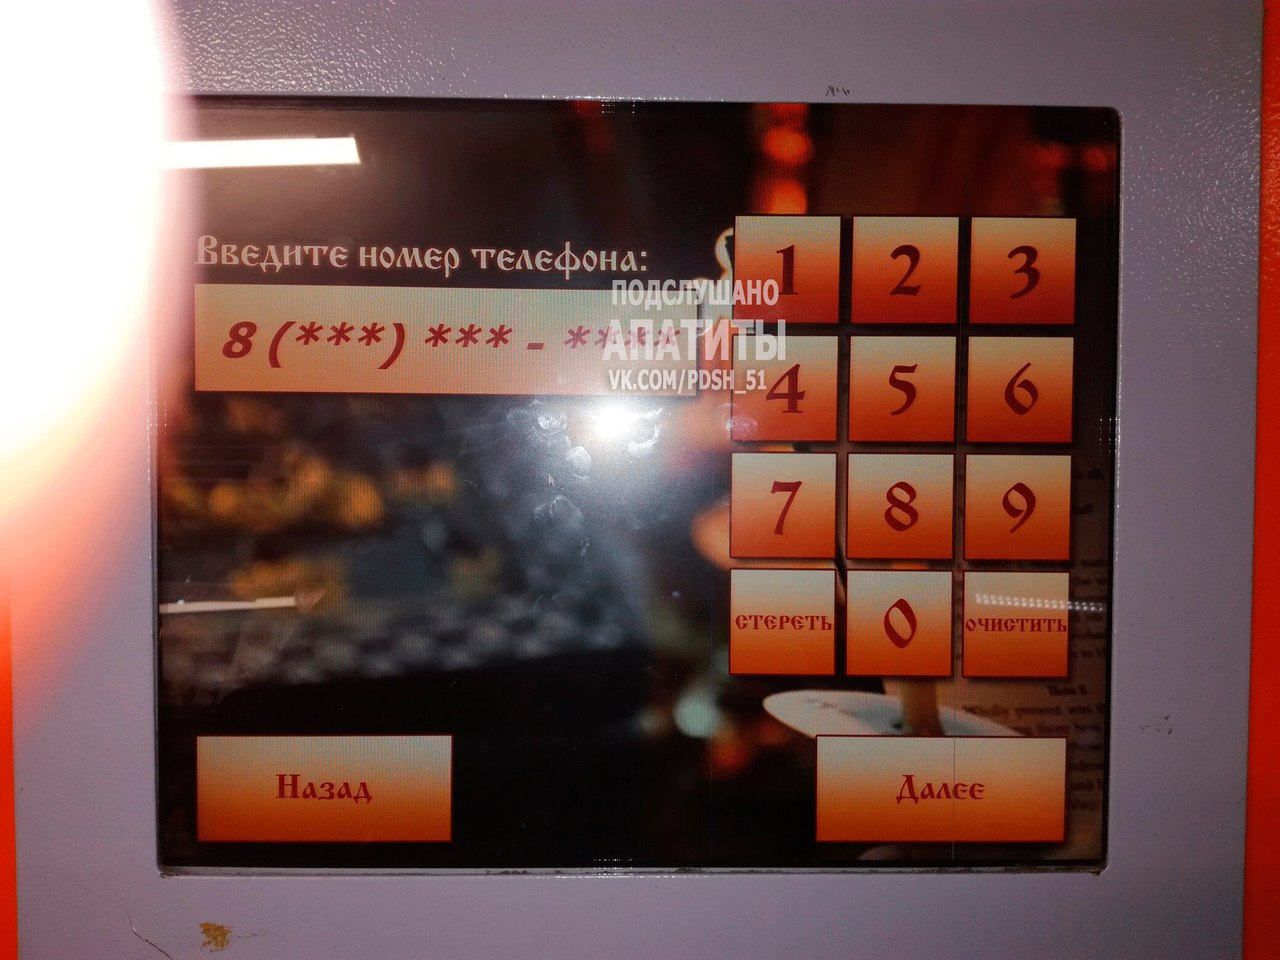 В РФ появились терминалы для оплаты молитв ипанихид